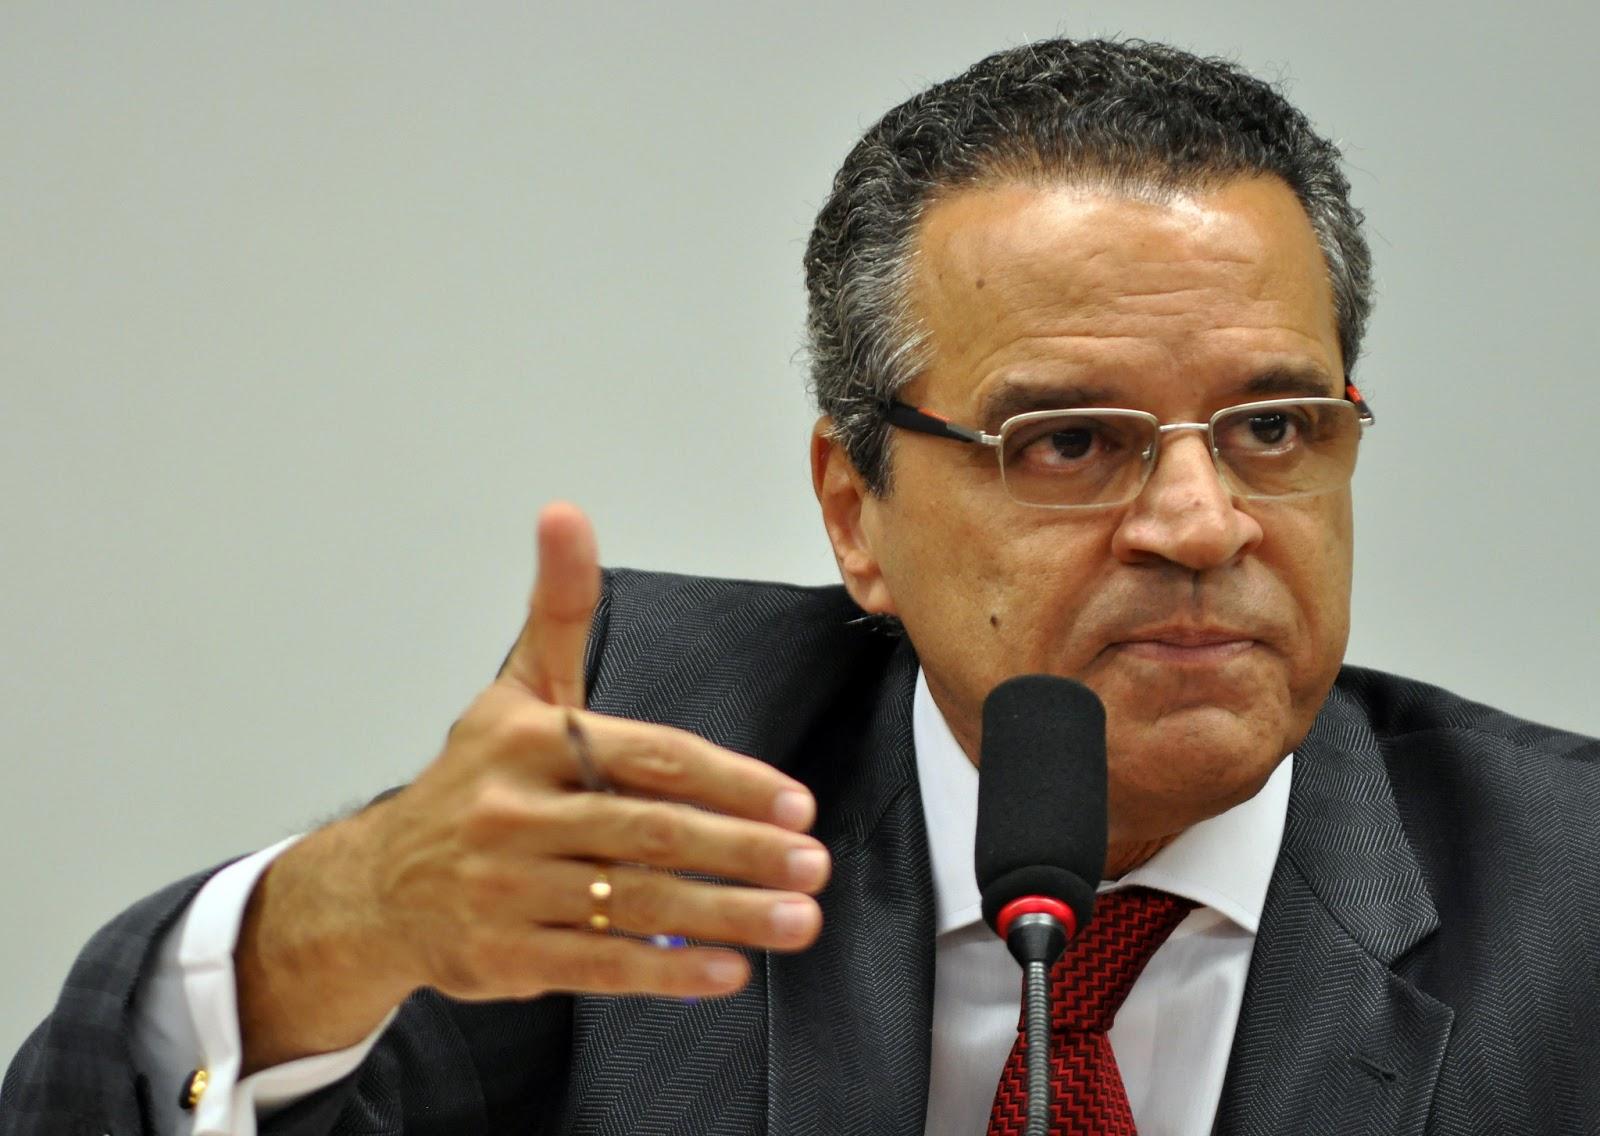 Henrique Alves Net Worth